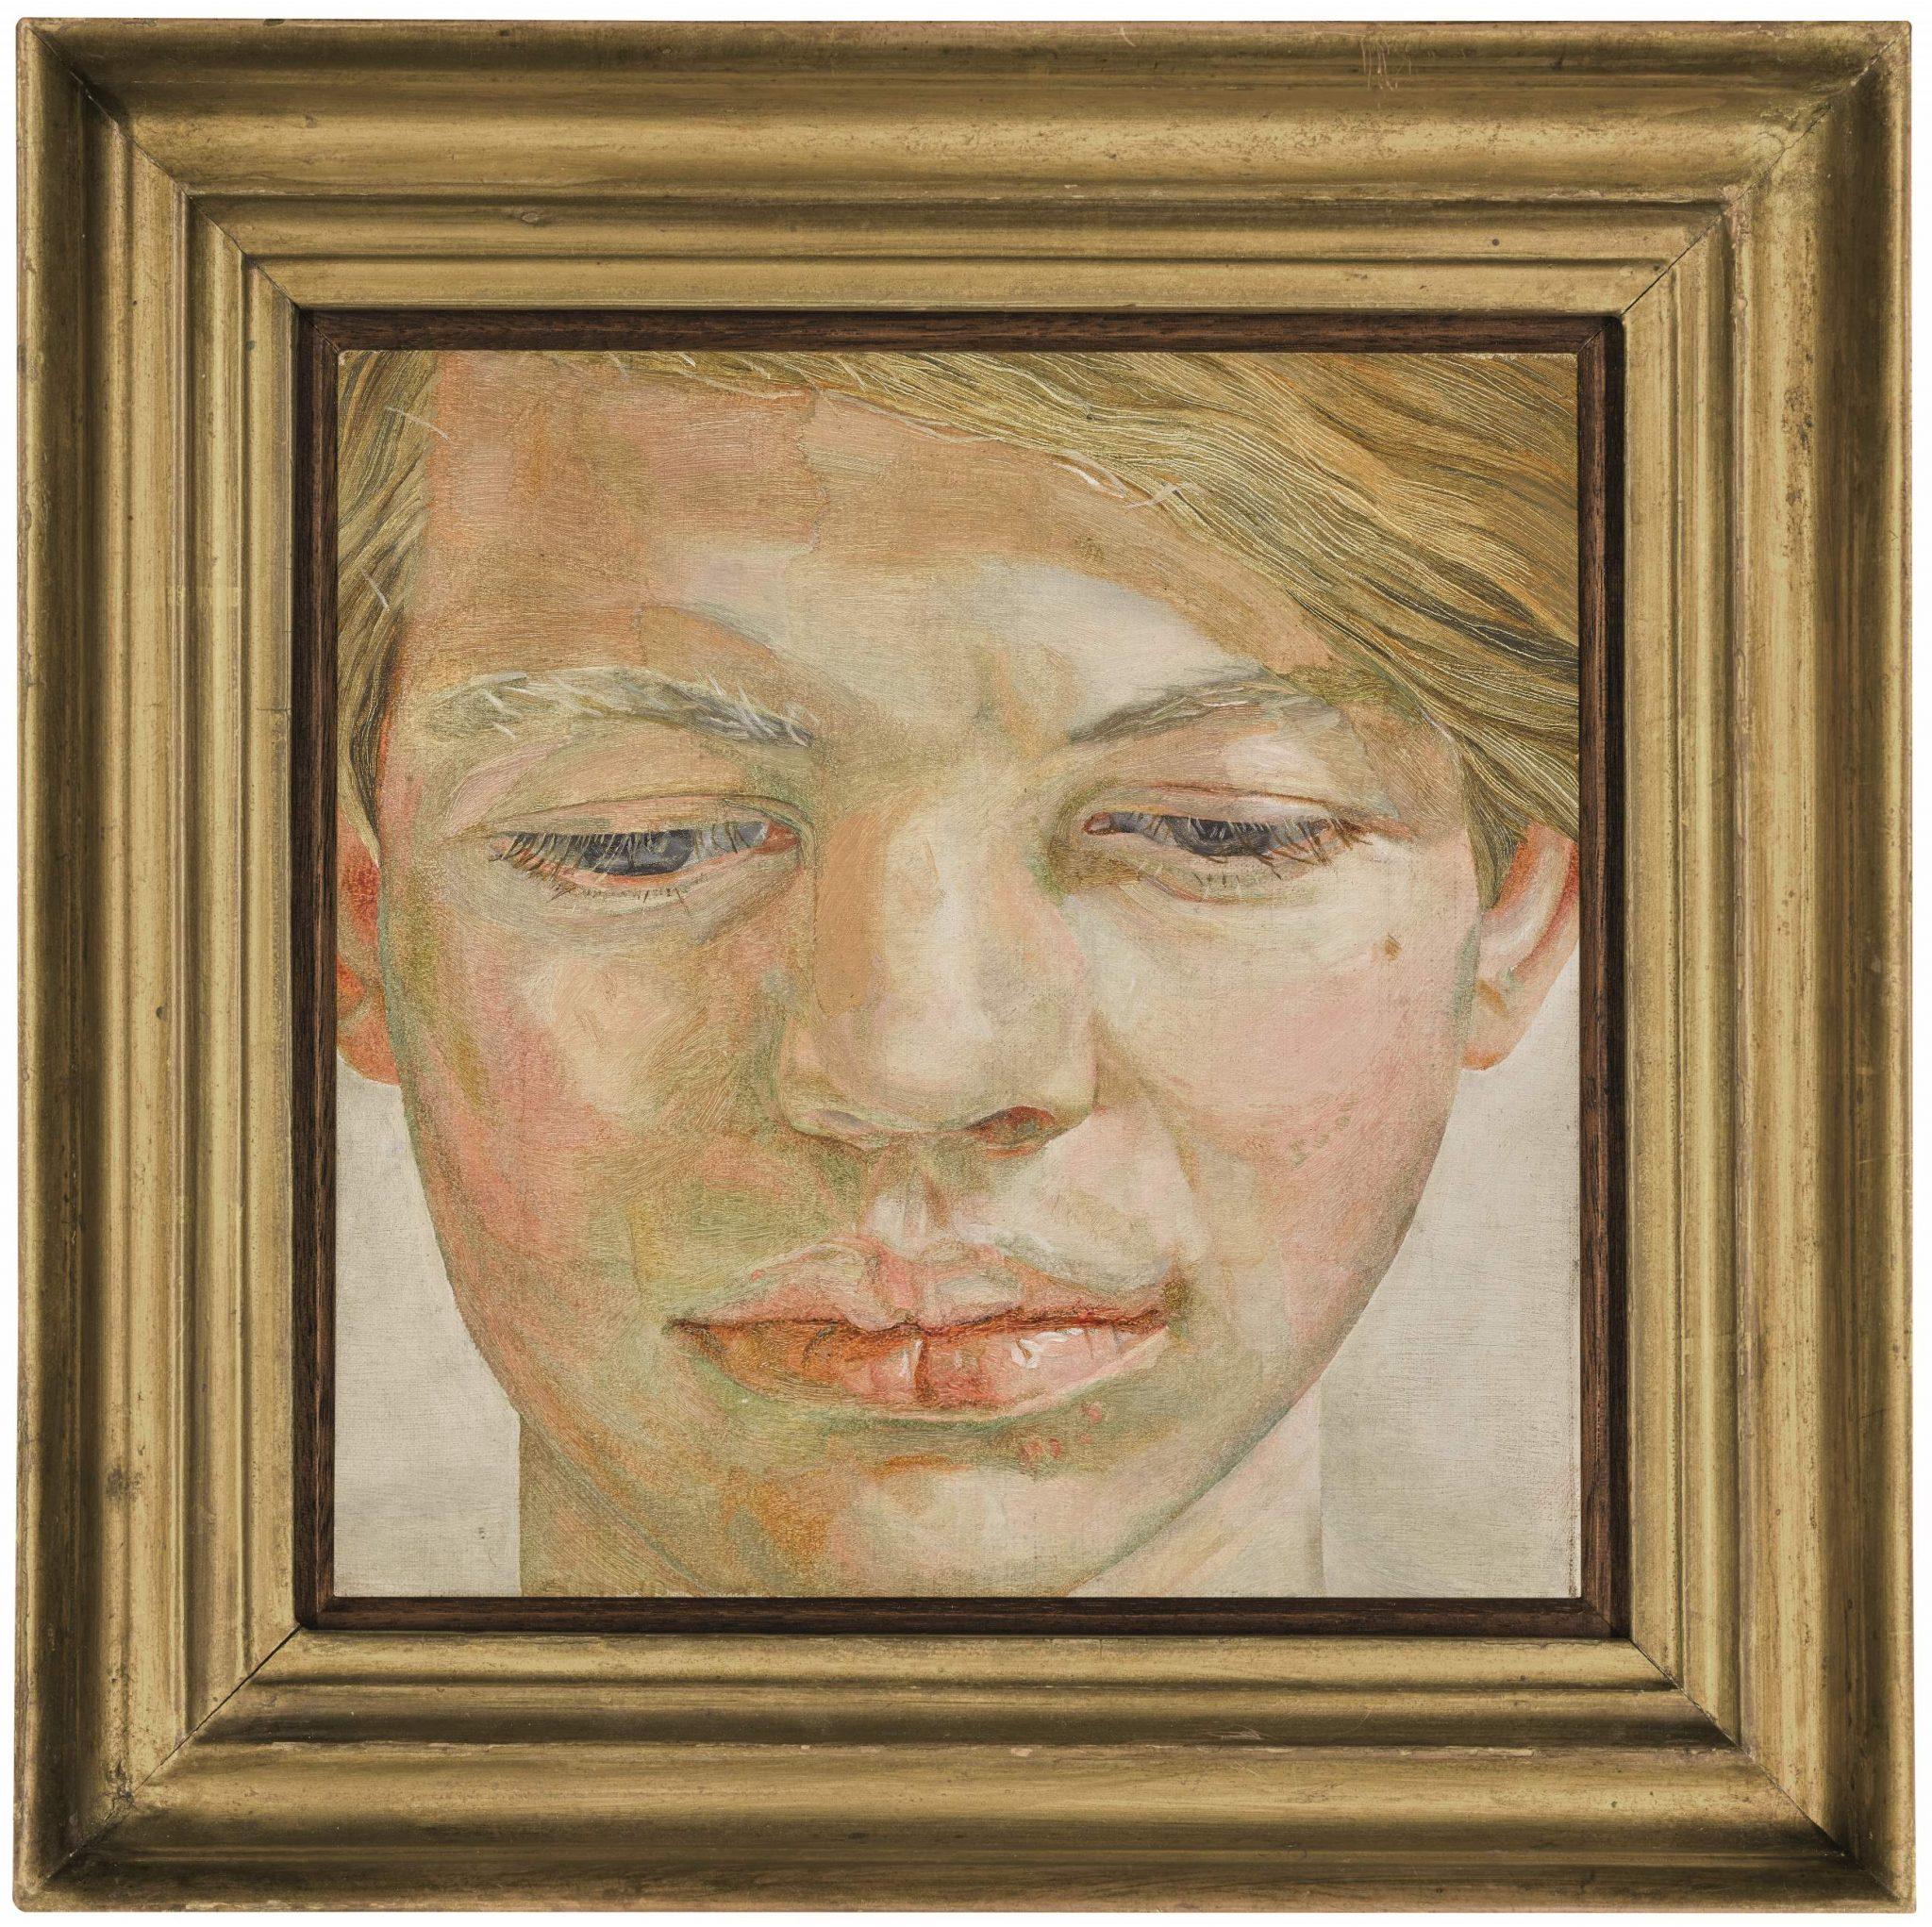 'Head of a Boy' di Lucian Freud all'asta per la prima volta. Da Sotheby's, stima £4.5-6.5 milioni